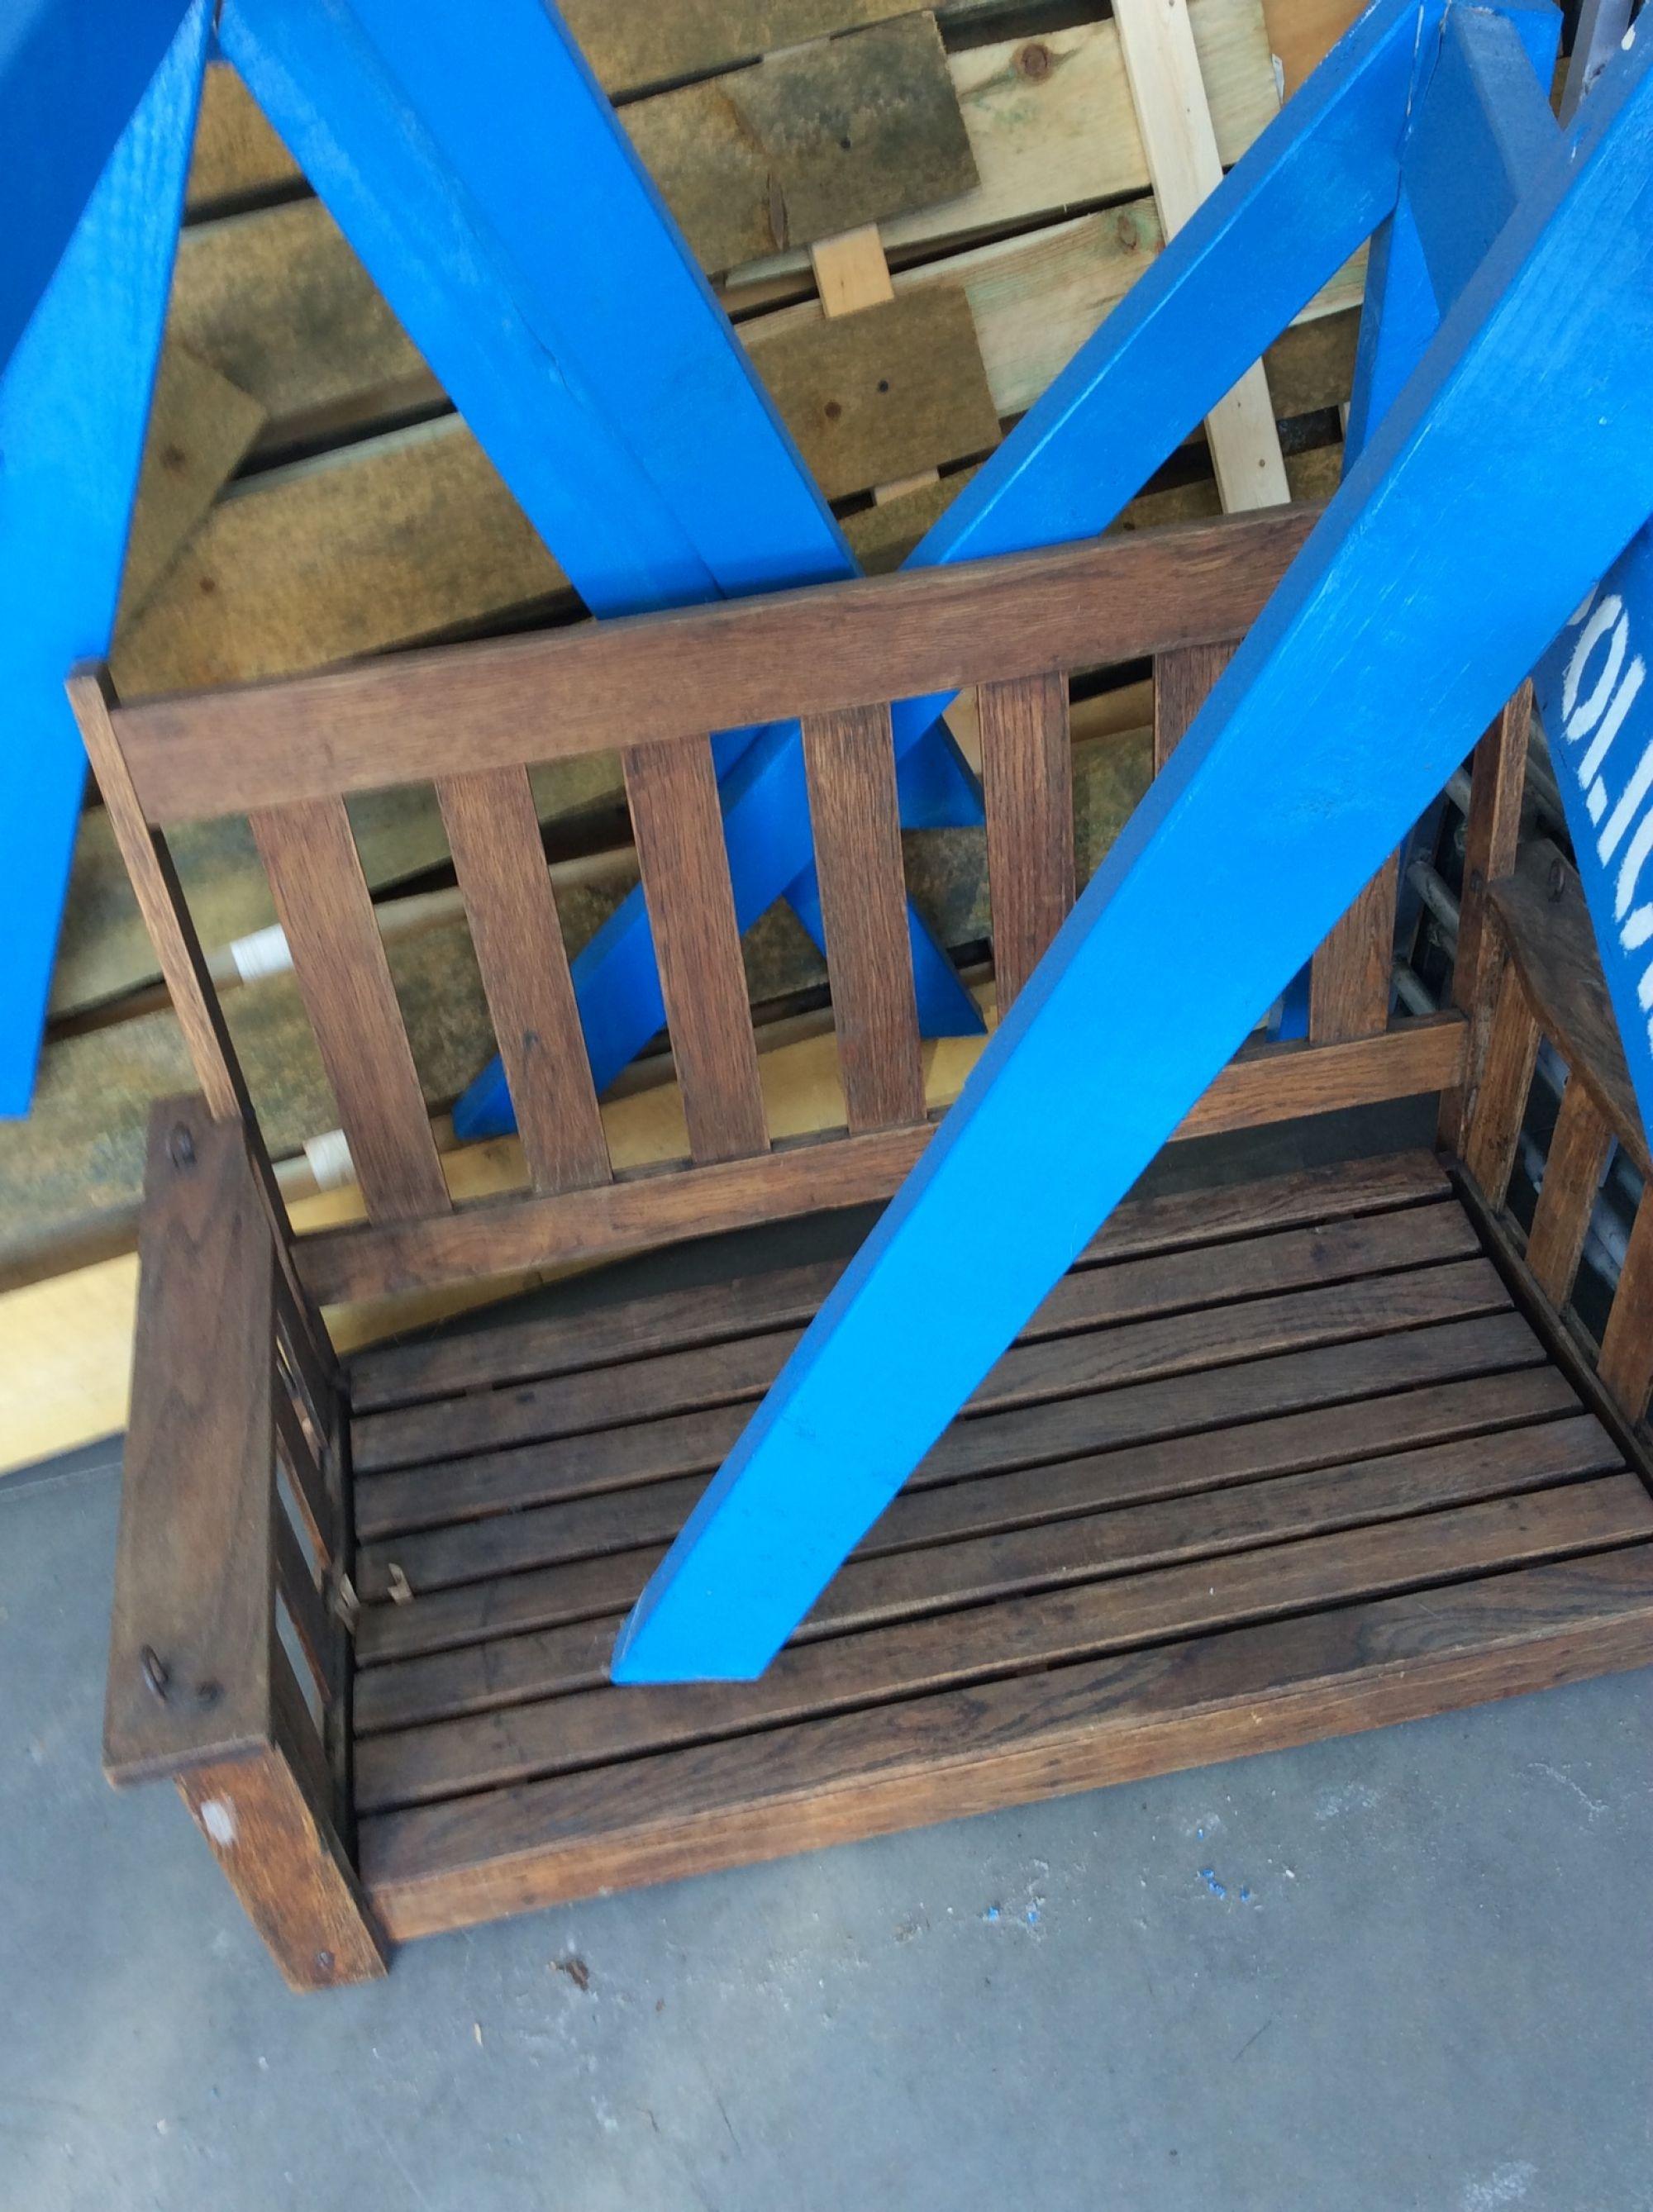 Beau Storage Auction Details